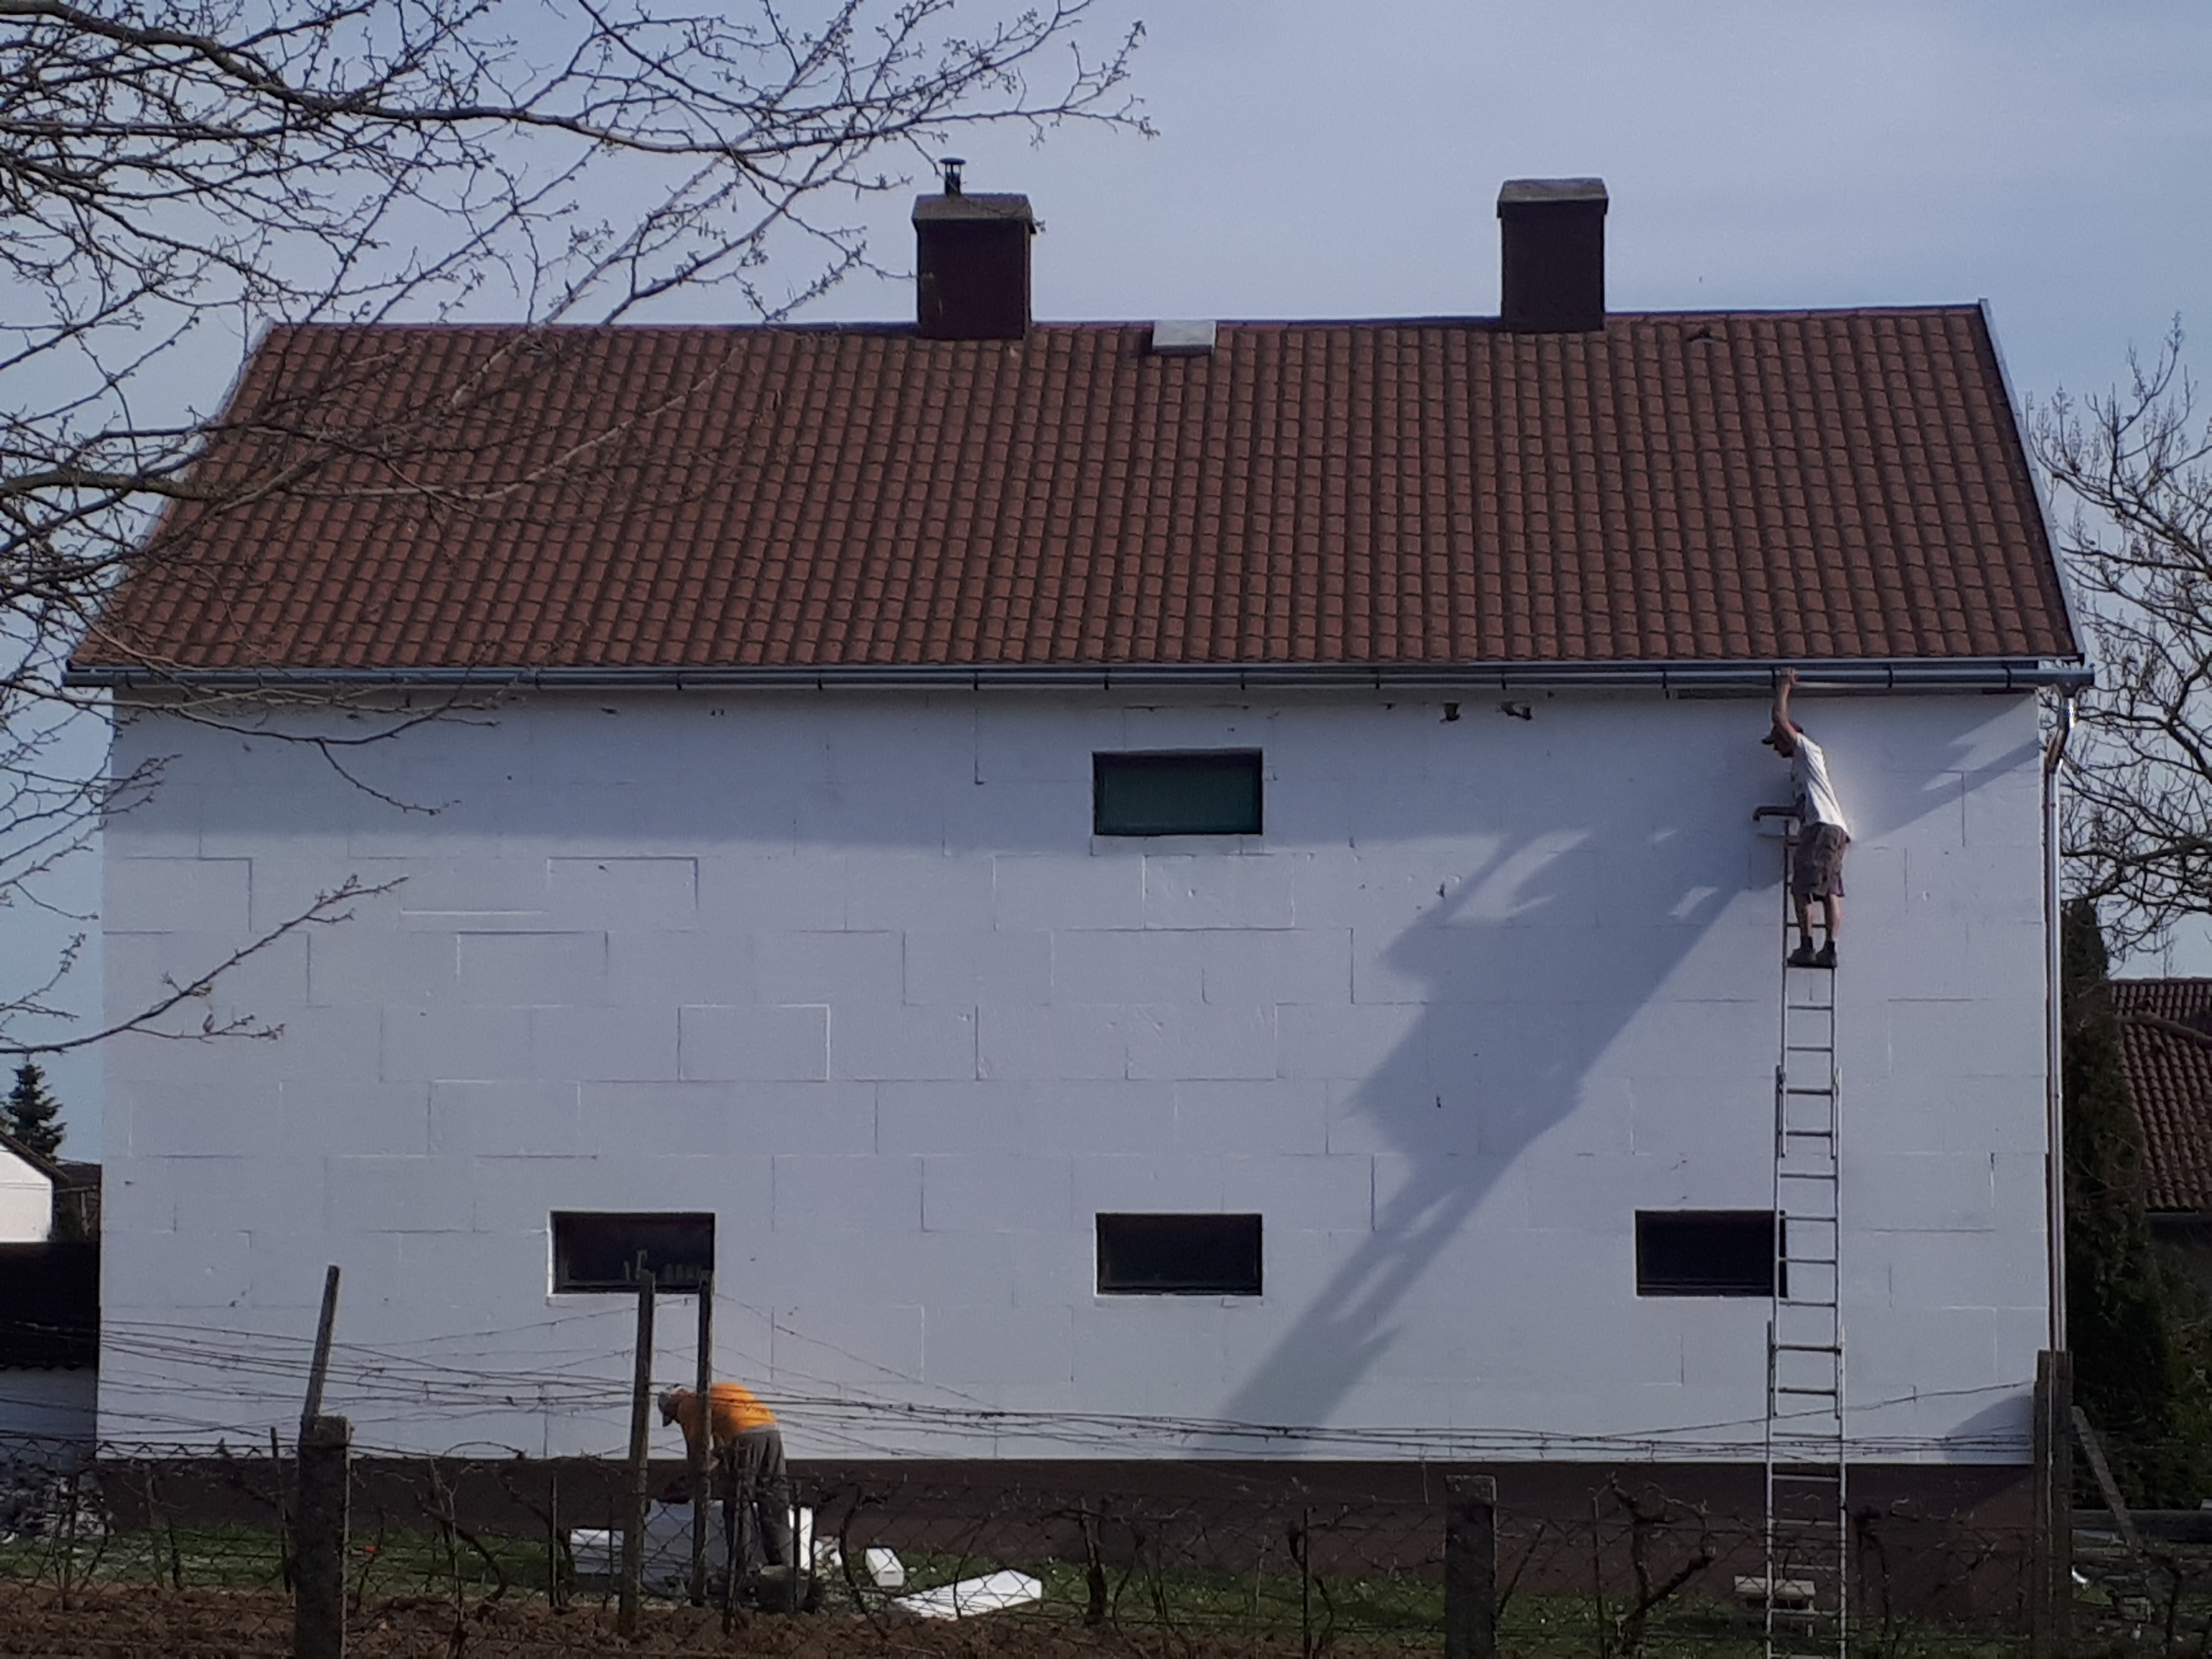 Palatető felújítás Pápateszér, palatető szigetelés PápateszérCsaládi ház palatető felújítása